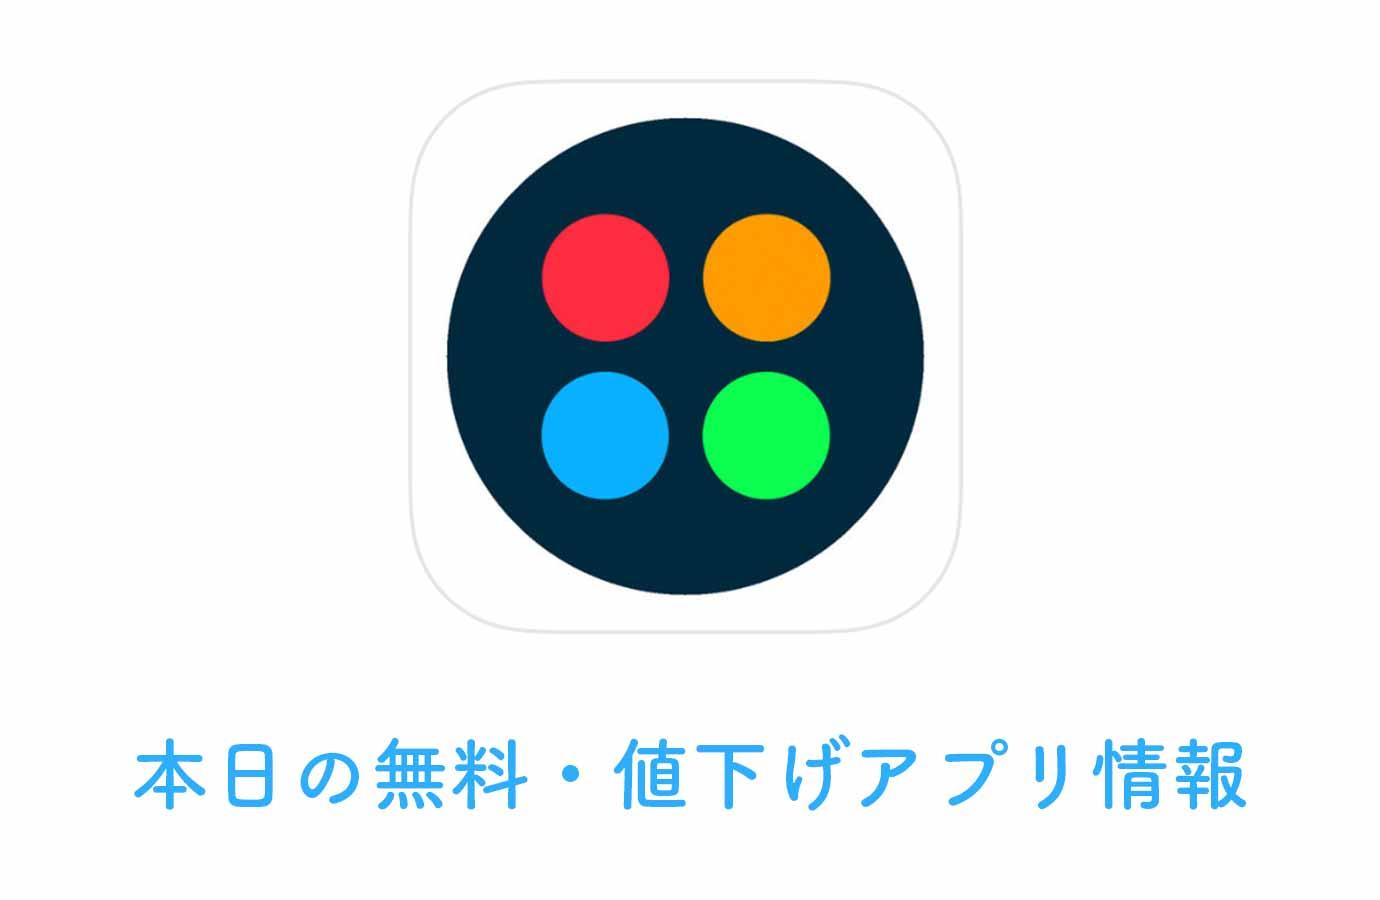 【360円→無料】簡単にオシャレなコラージュ写真がつくれる「Simple Collage Pro」など【2/17】本日の無料・値下げアプリ情報